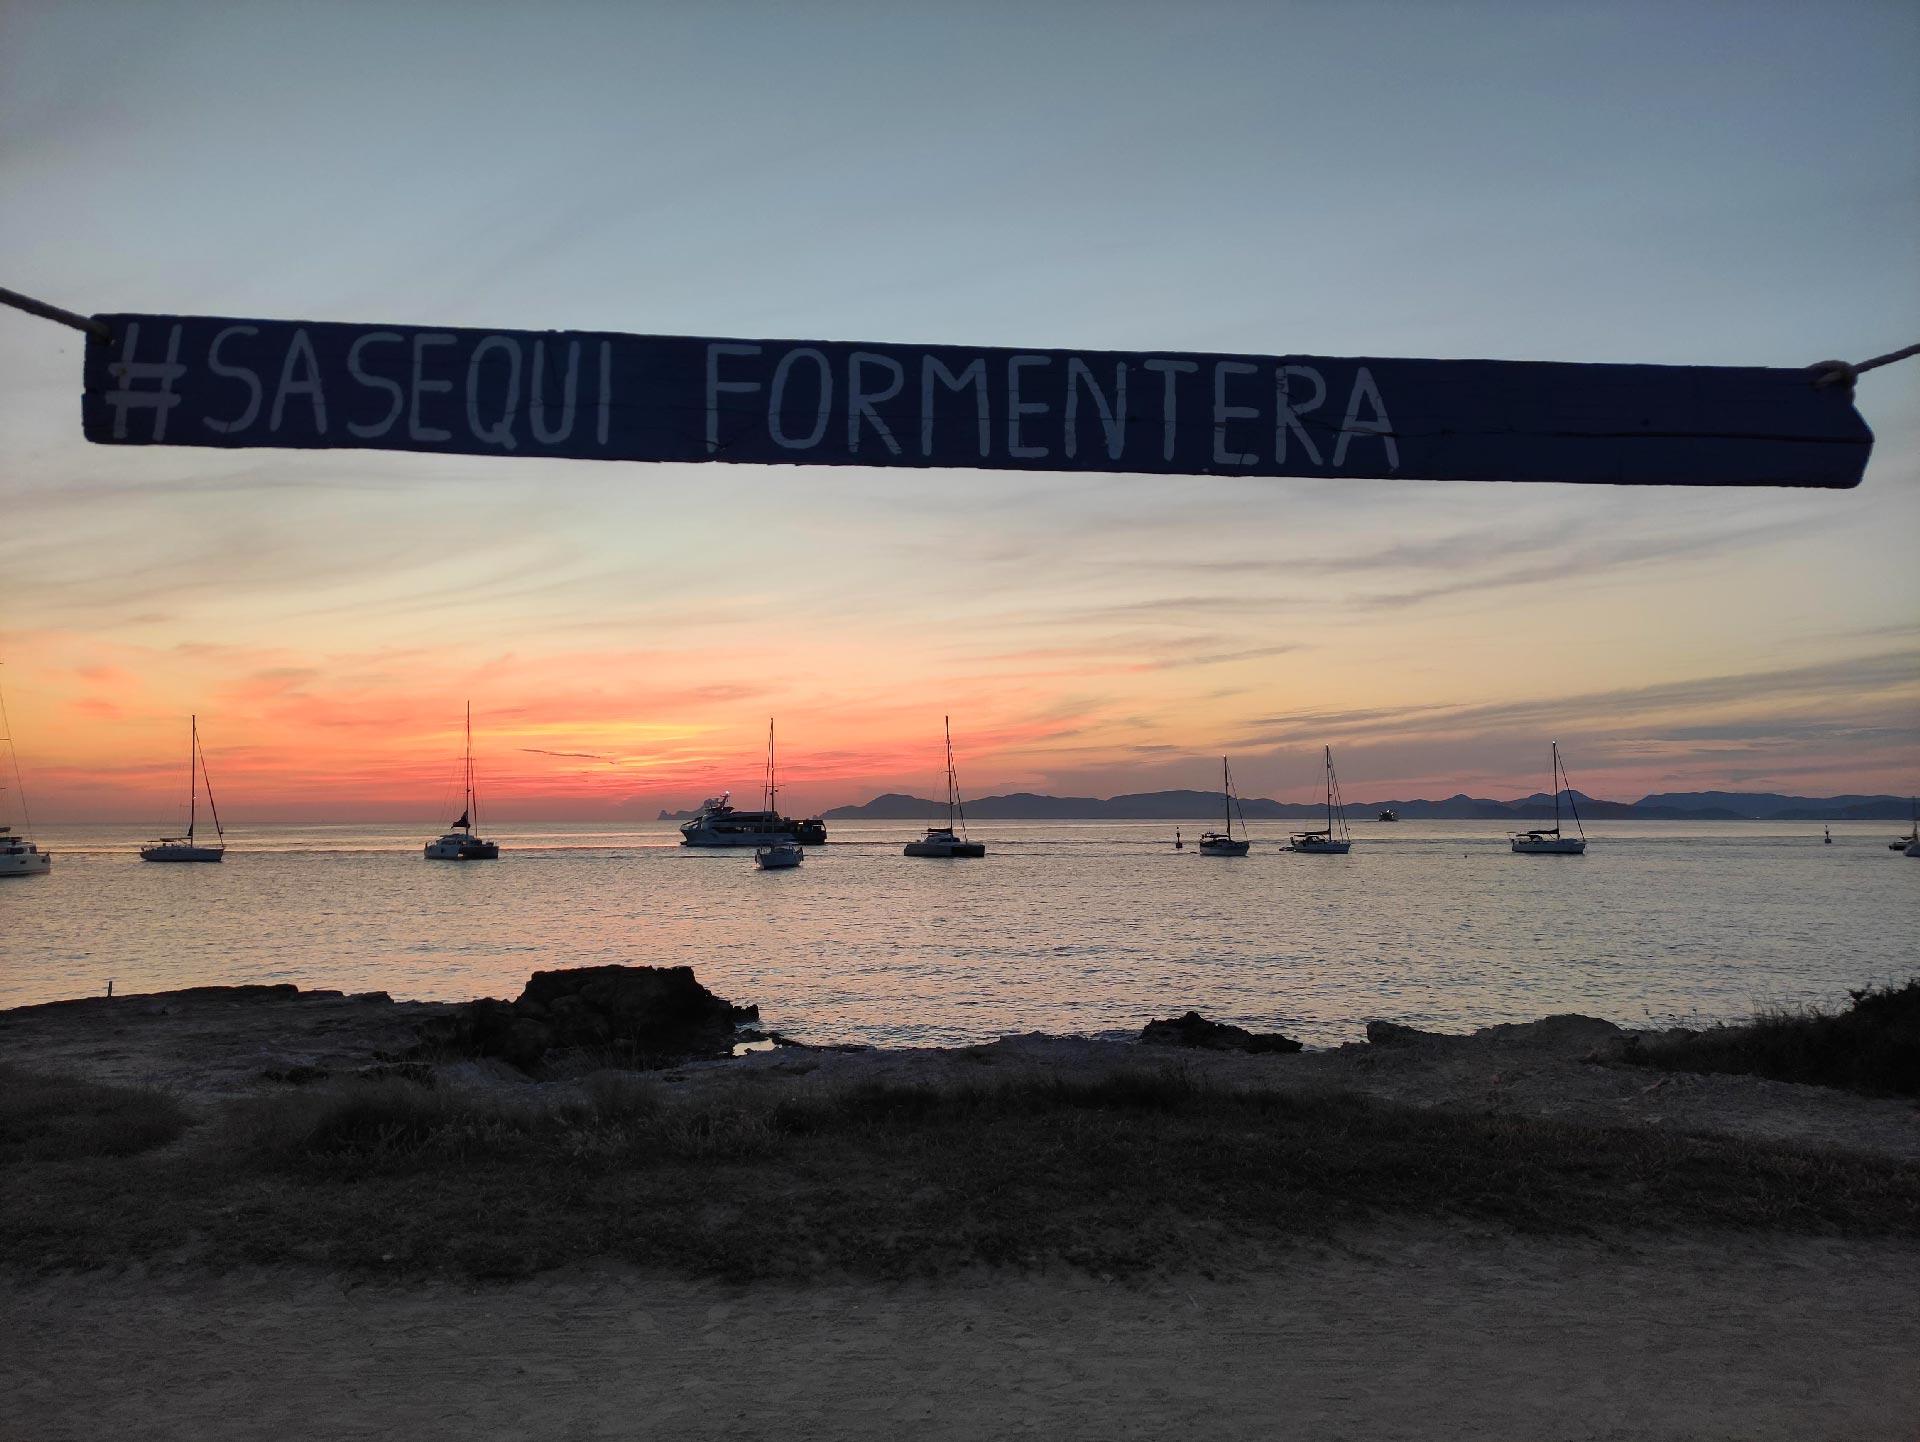 Il tramonto del Sa Sequi, Formentera